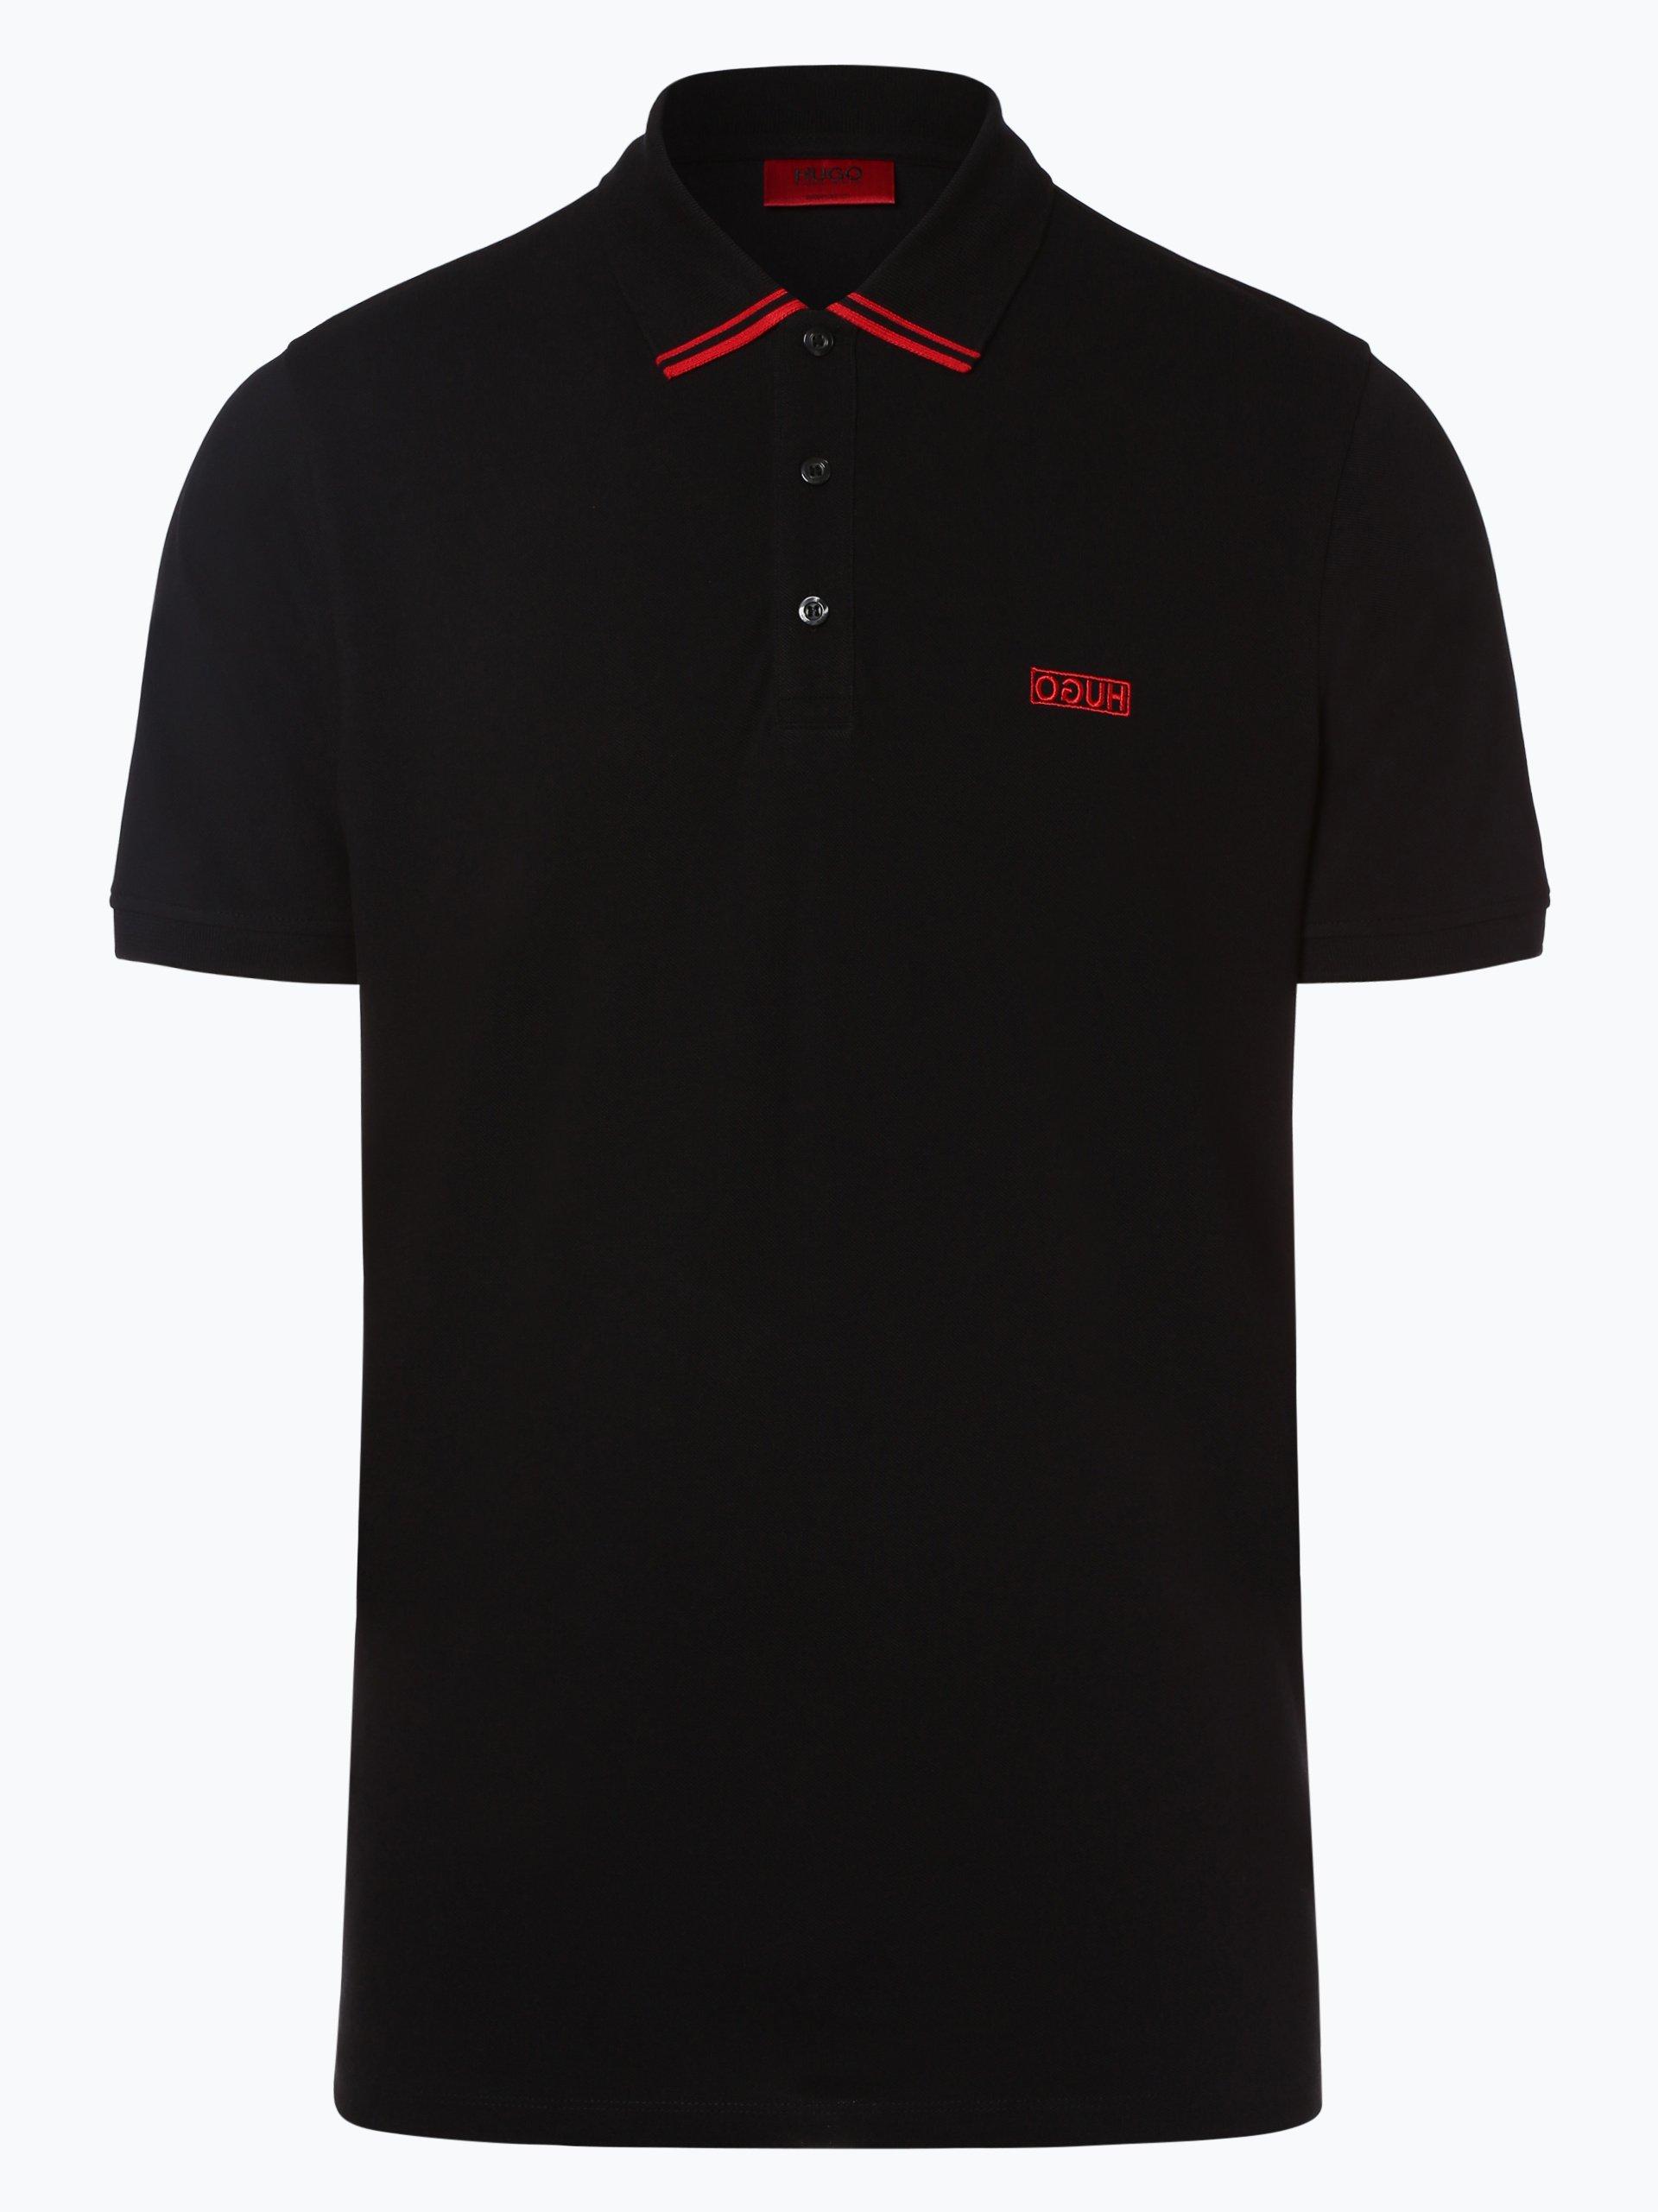 HUGO Herren Poloshirt - Dyler193